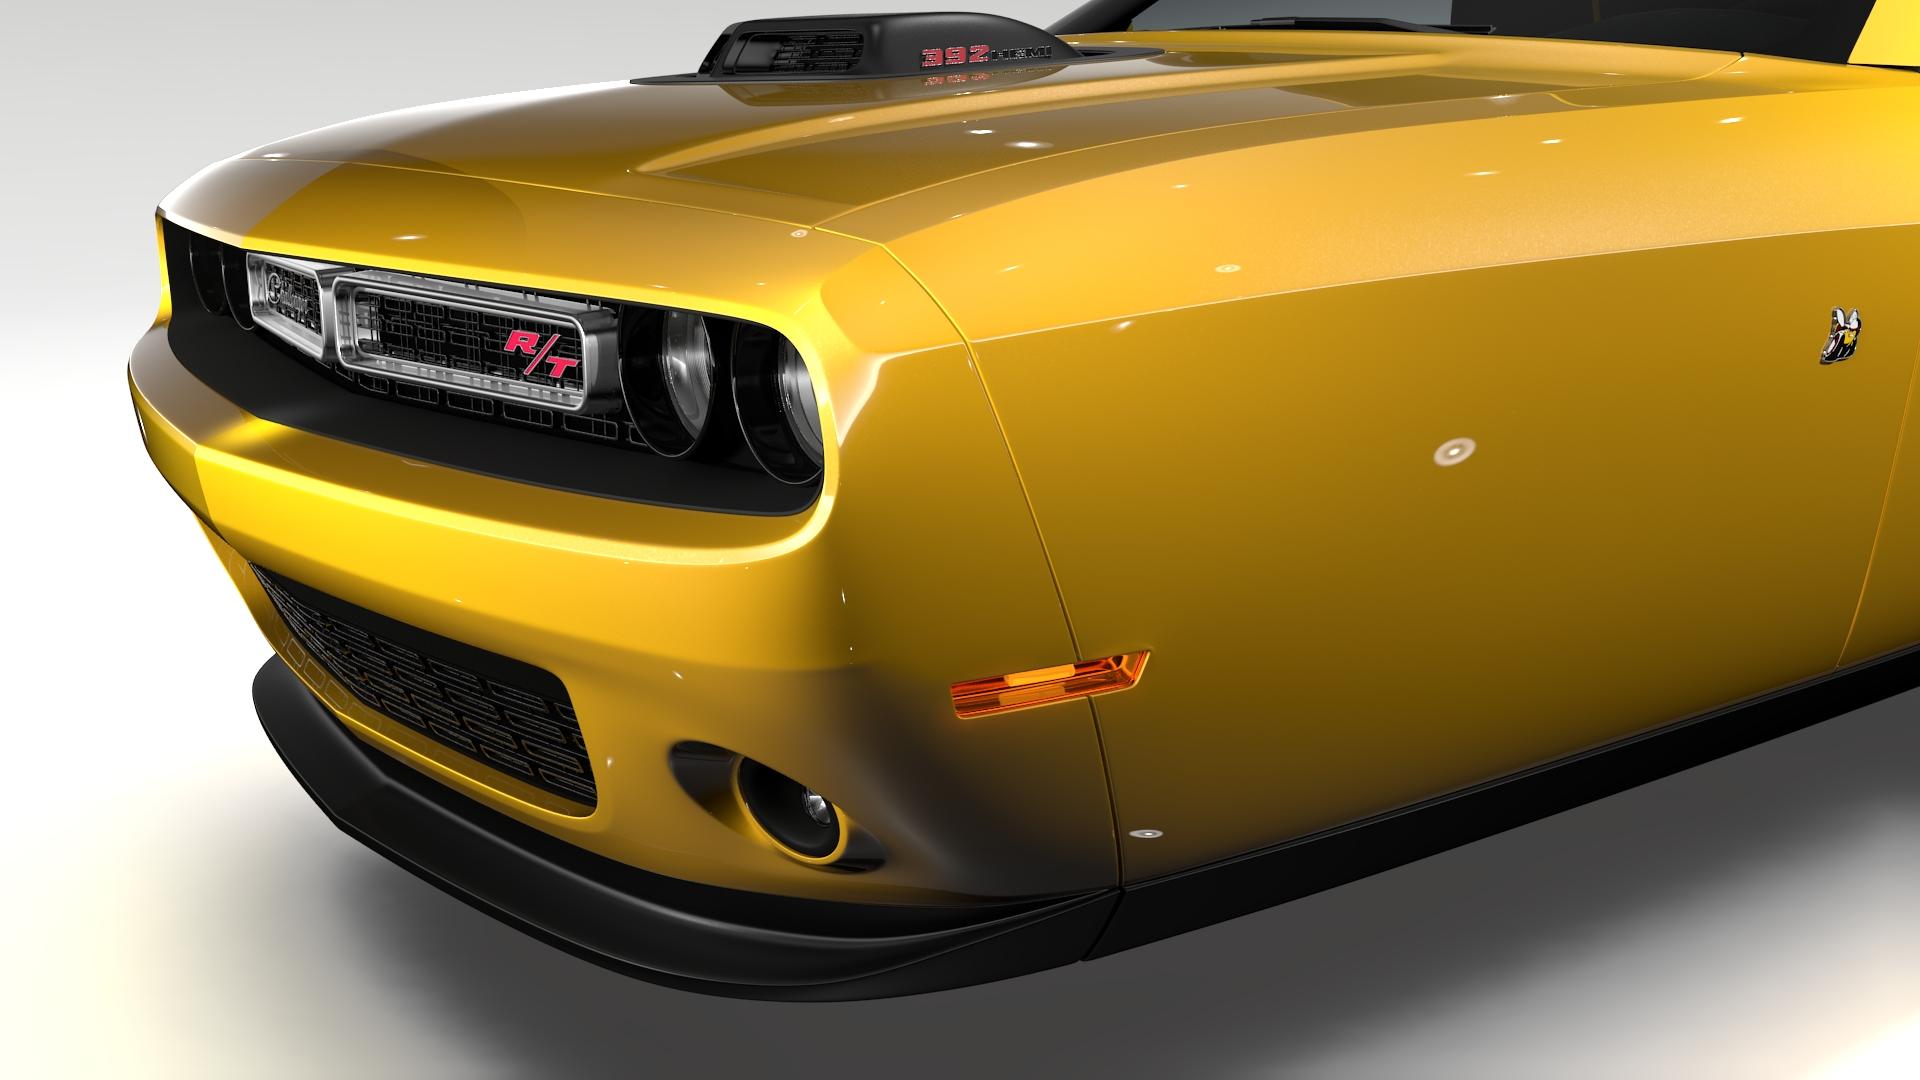 Dodge Challenger 392 shaker (lc) 2016 yn hedfan model 3d 3ds max fbx c4d ar gyfer yr hrc xsi obj 220606